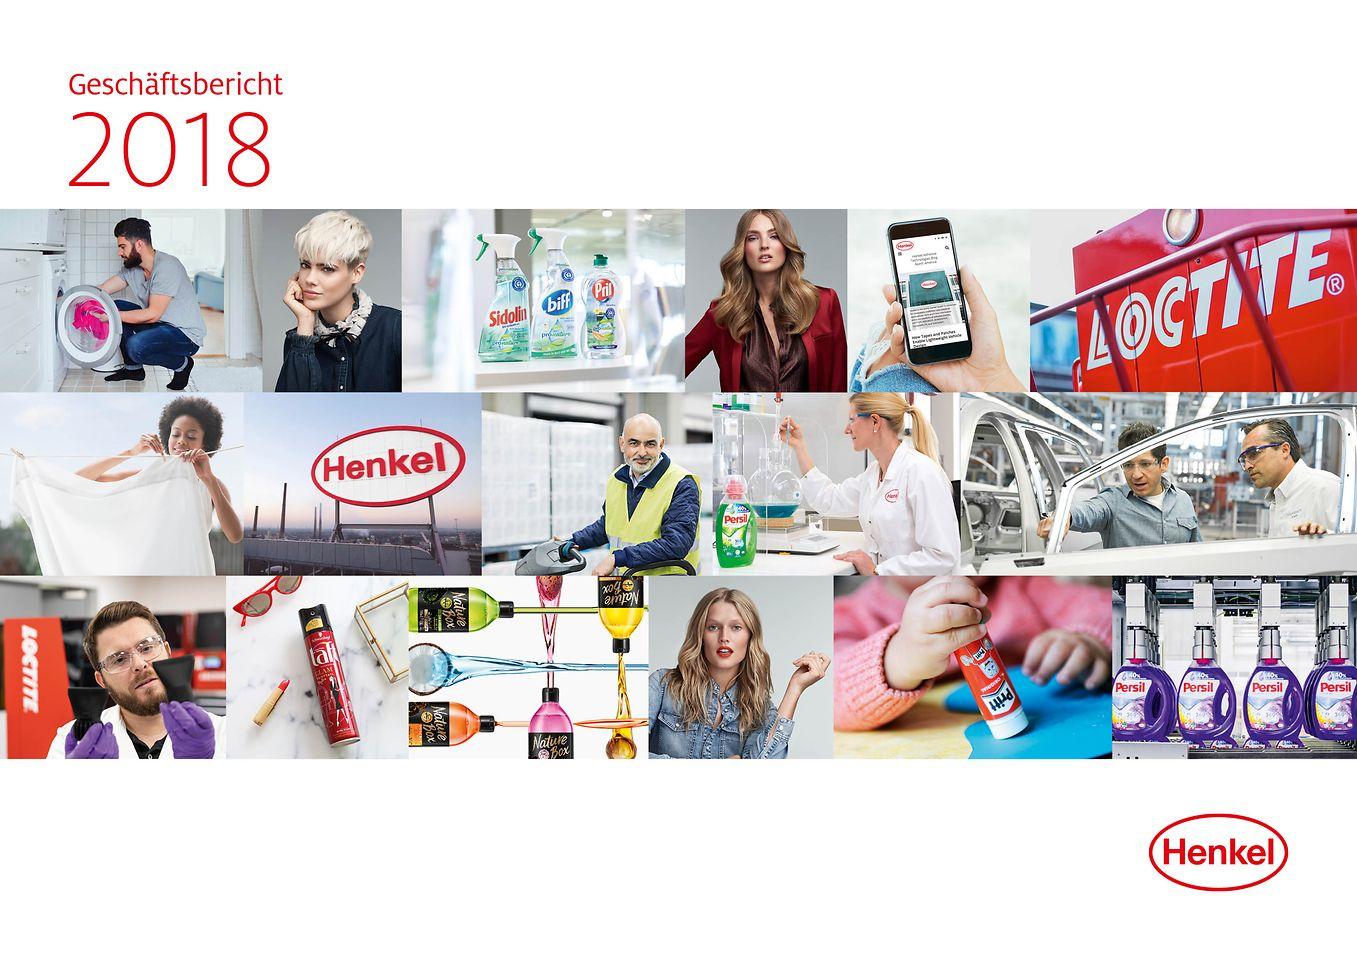 2018 Geschäftsbericht Cover